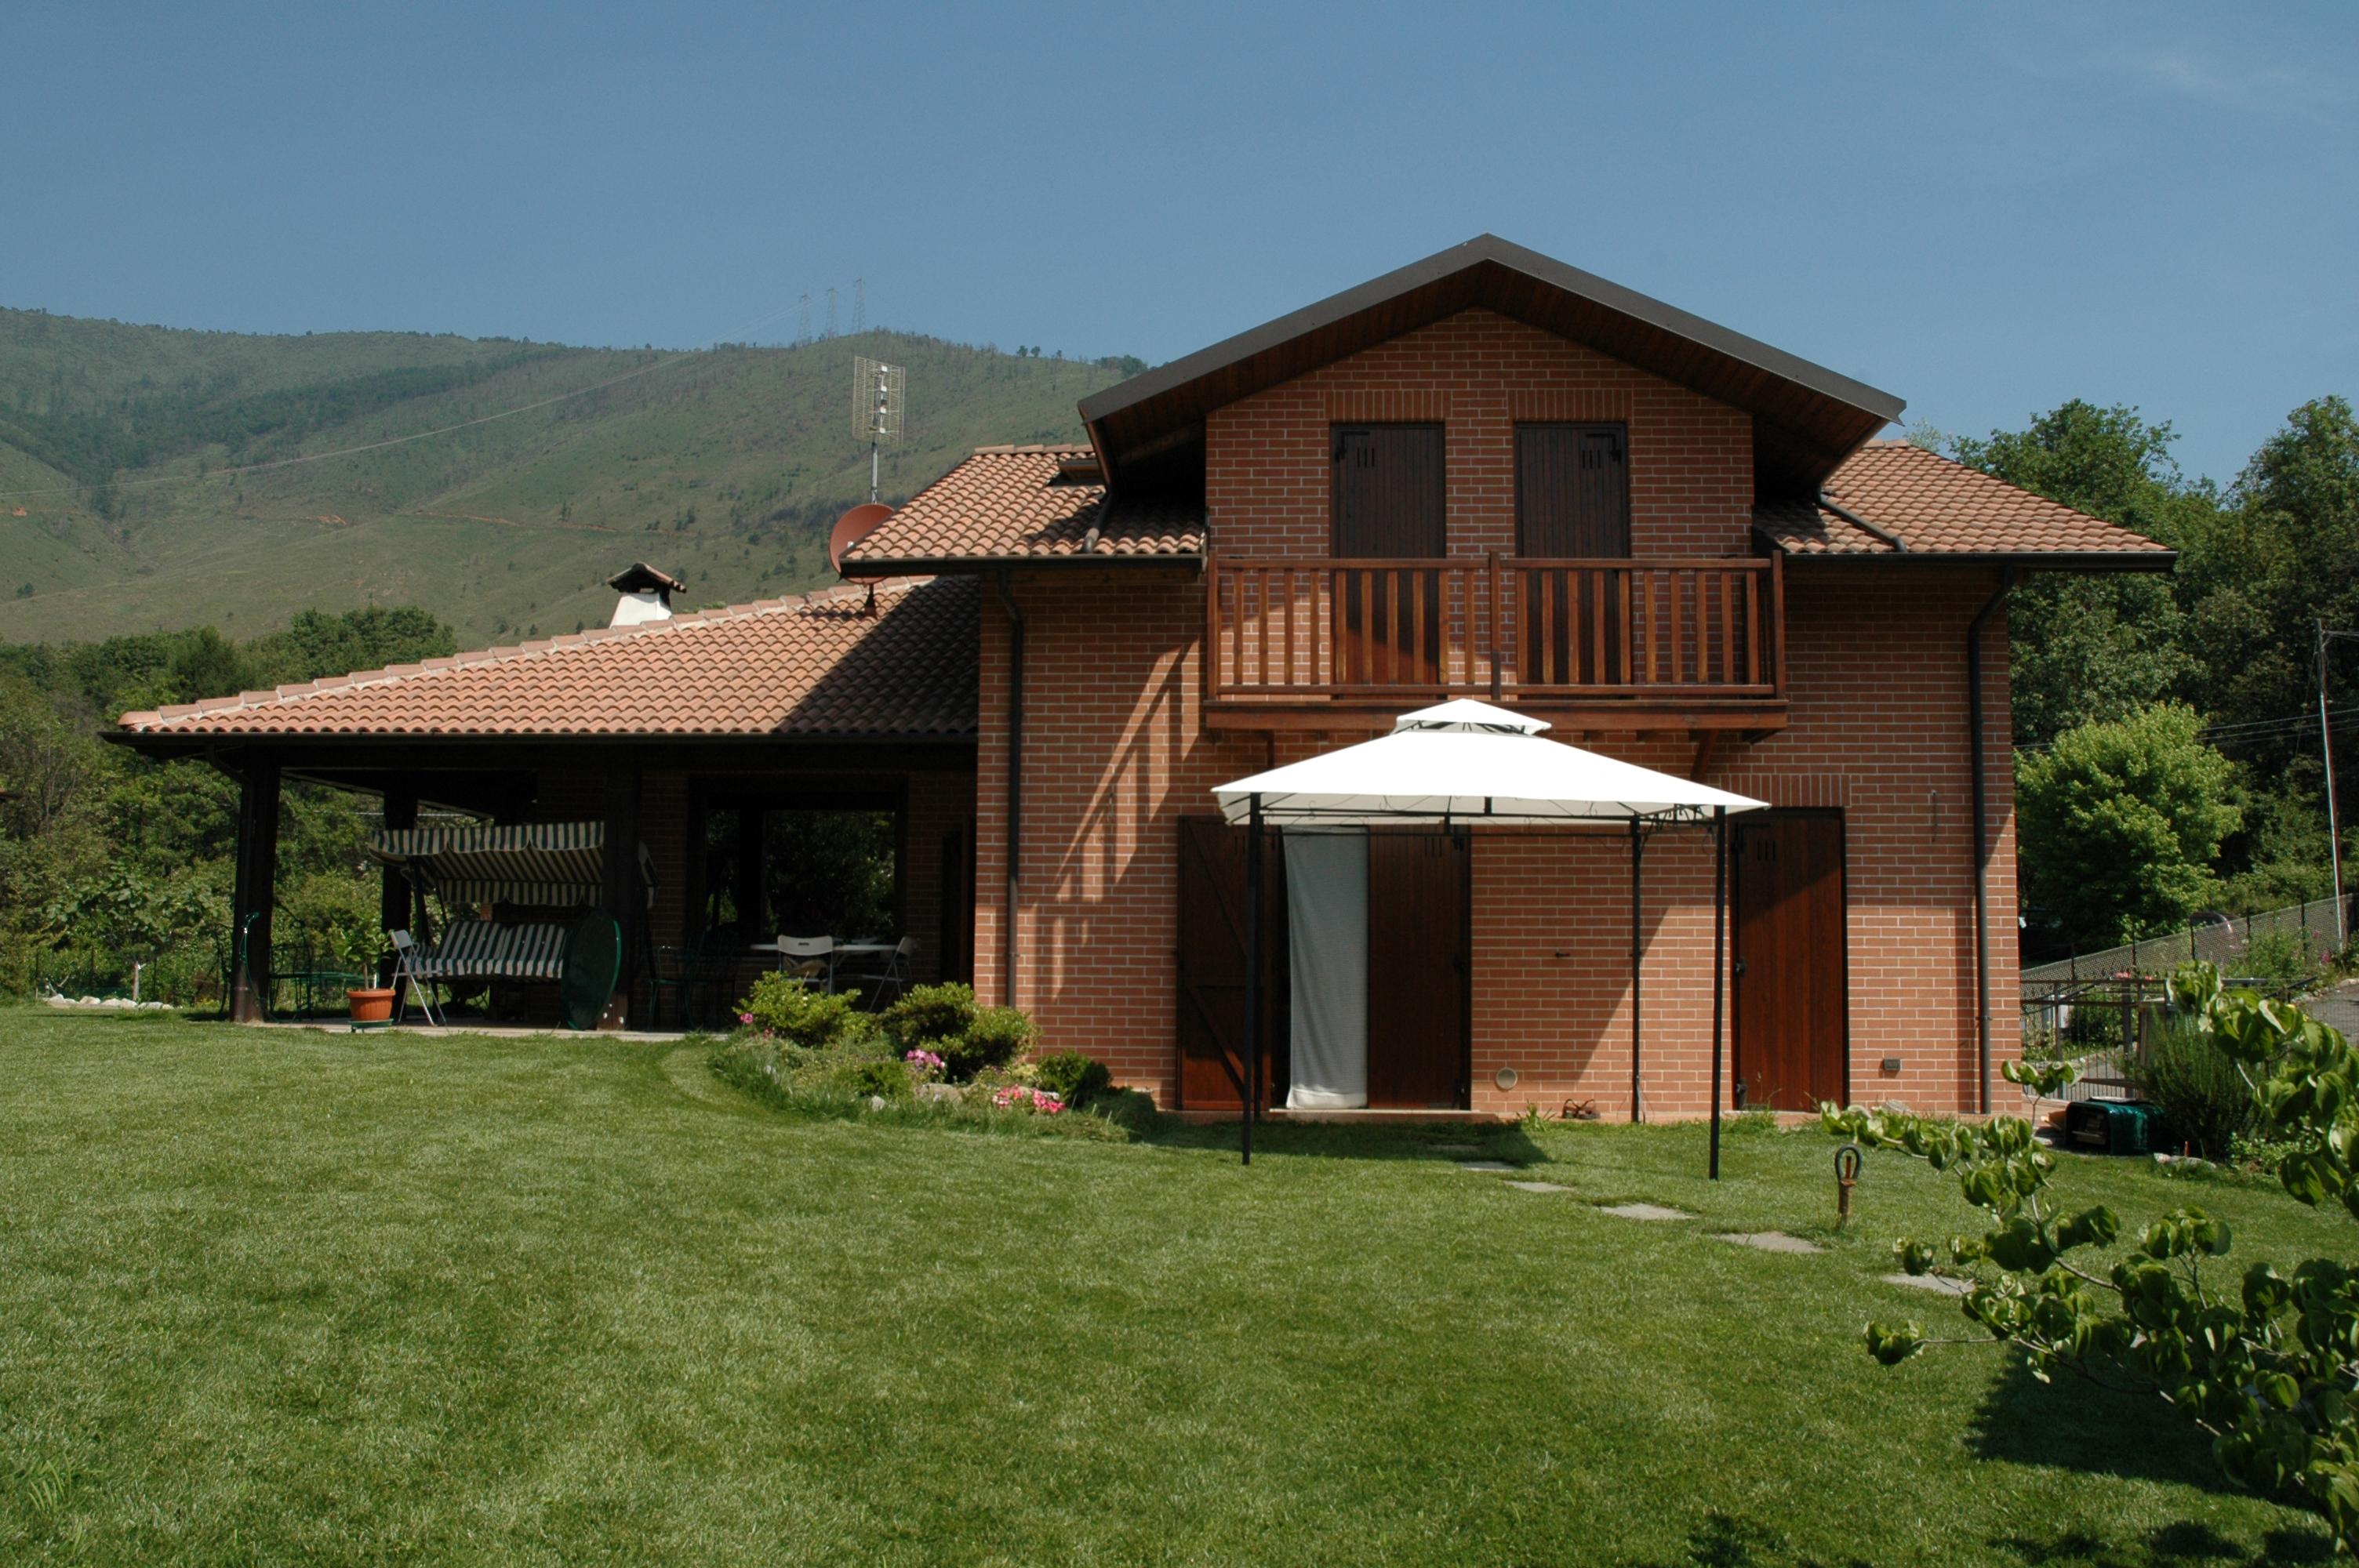 Case basso costo idee di design per la casa for Semplici piani casa a basso costo